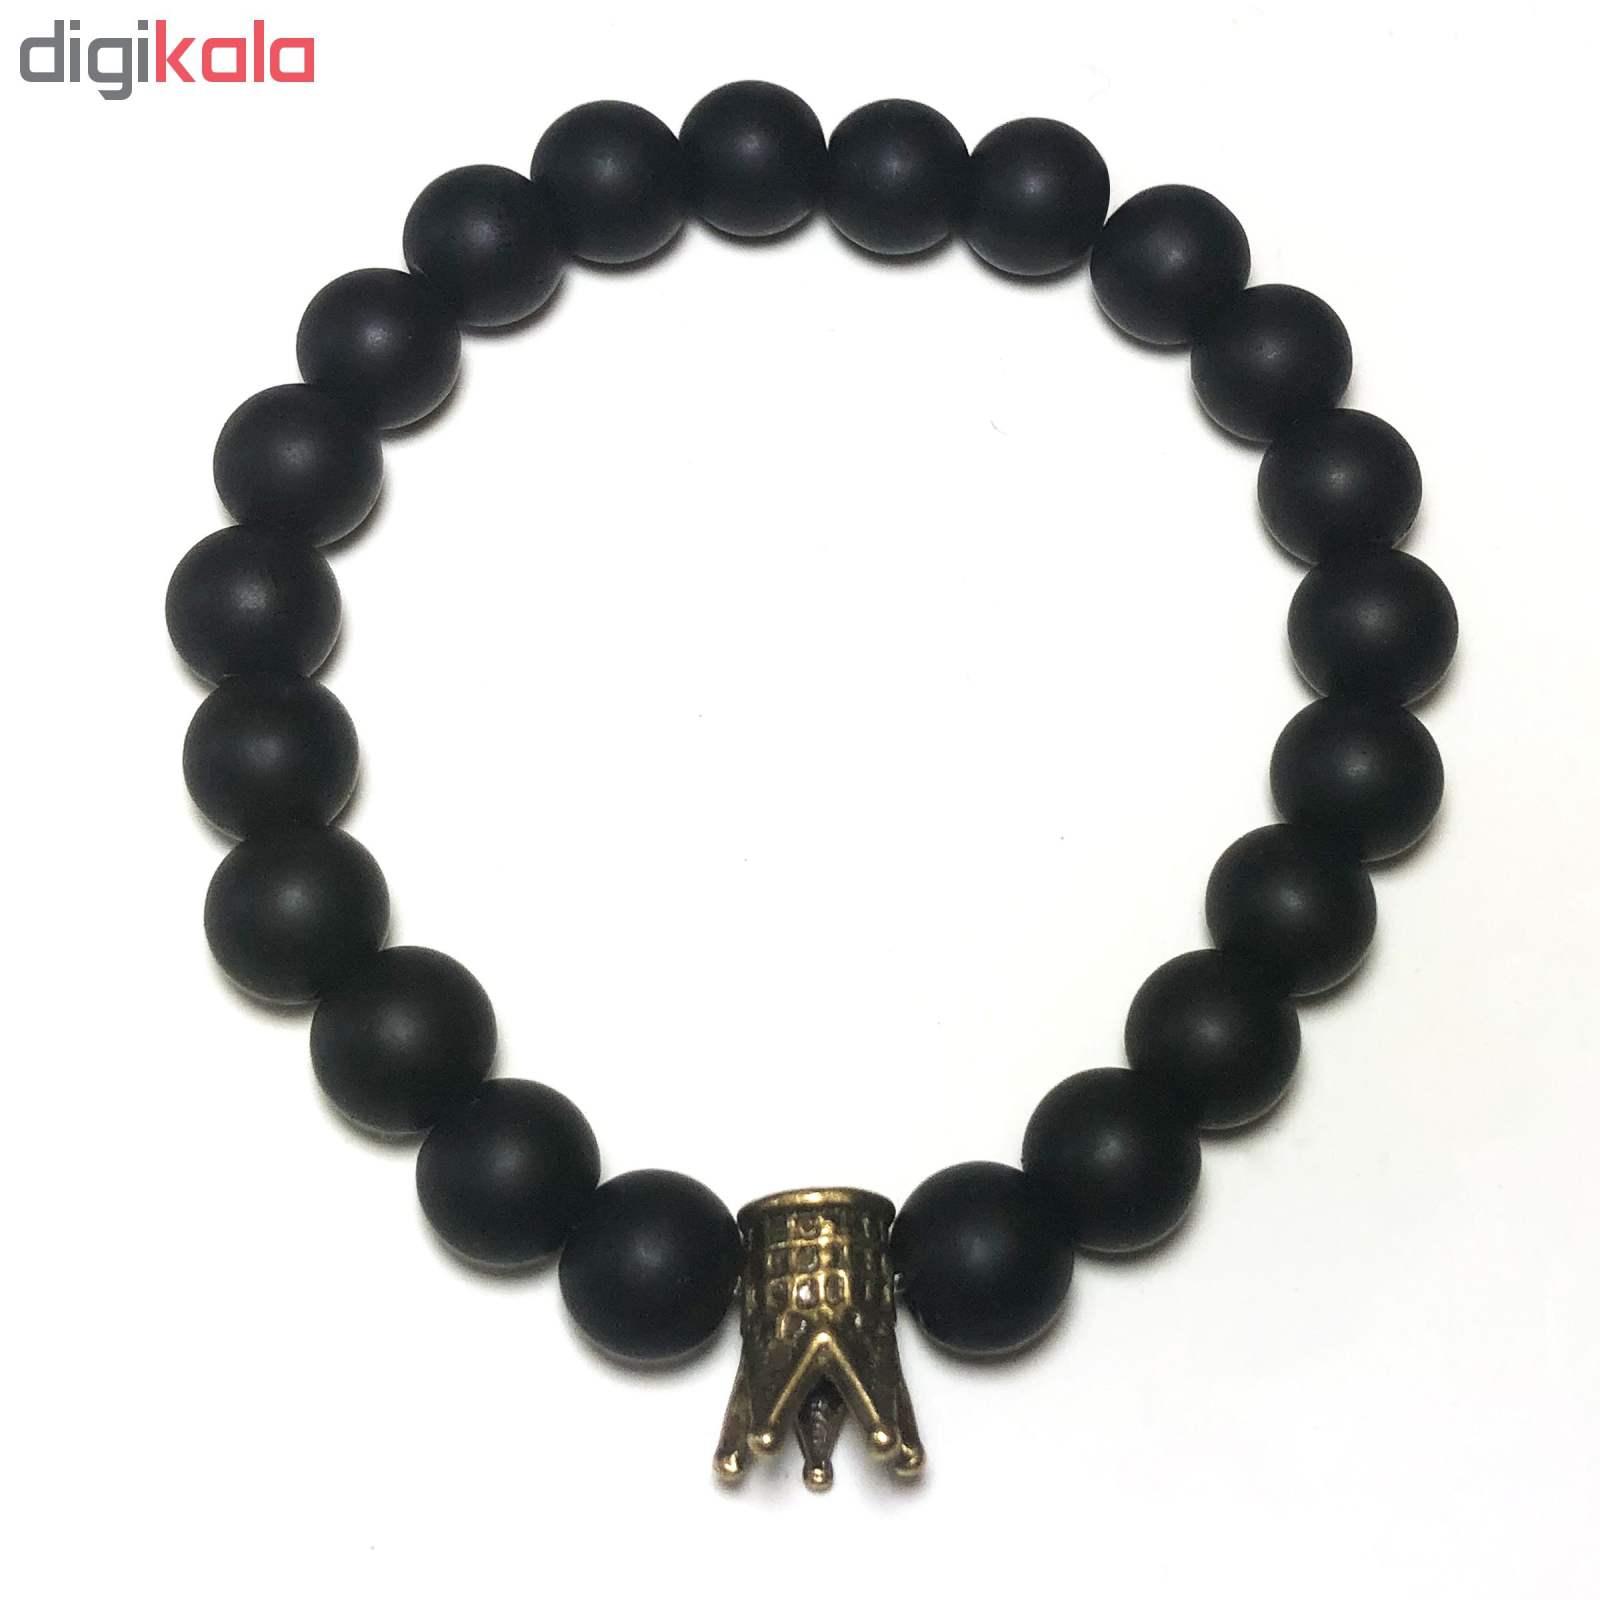 دستبند مردانه کد 777 main 1 3